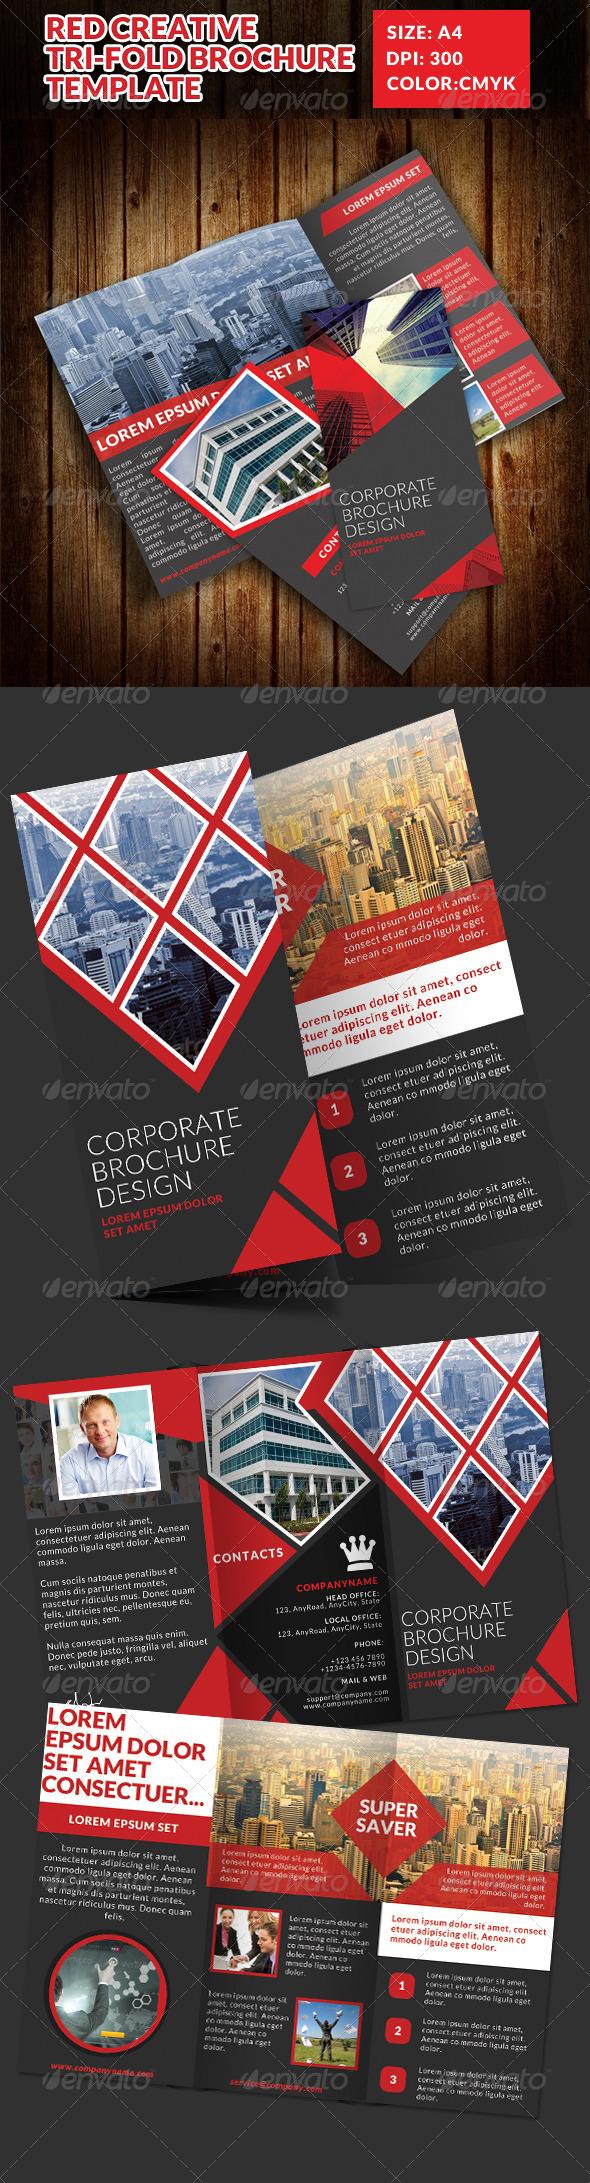 GraphicRiver Red Creative Tri-Fold Brochure Templa 7522335